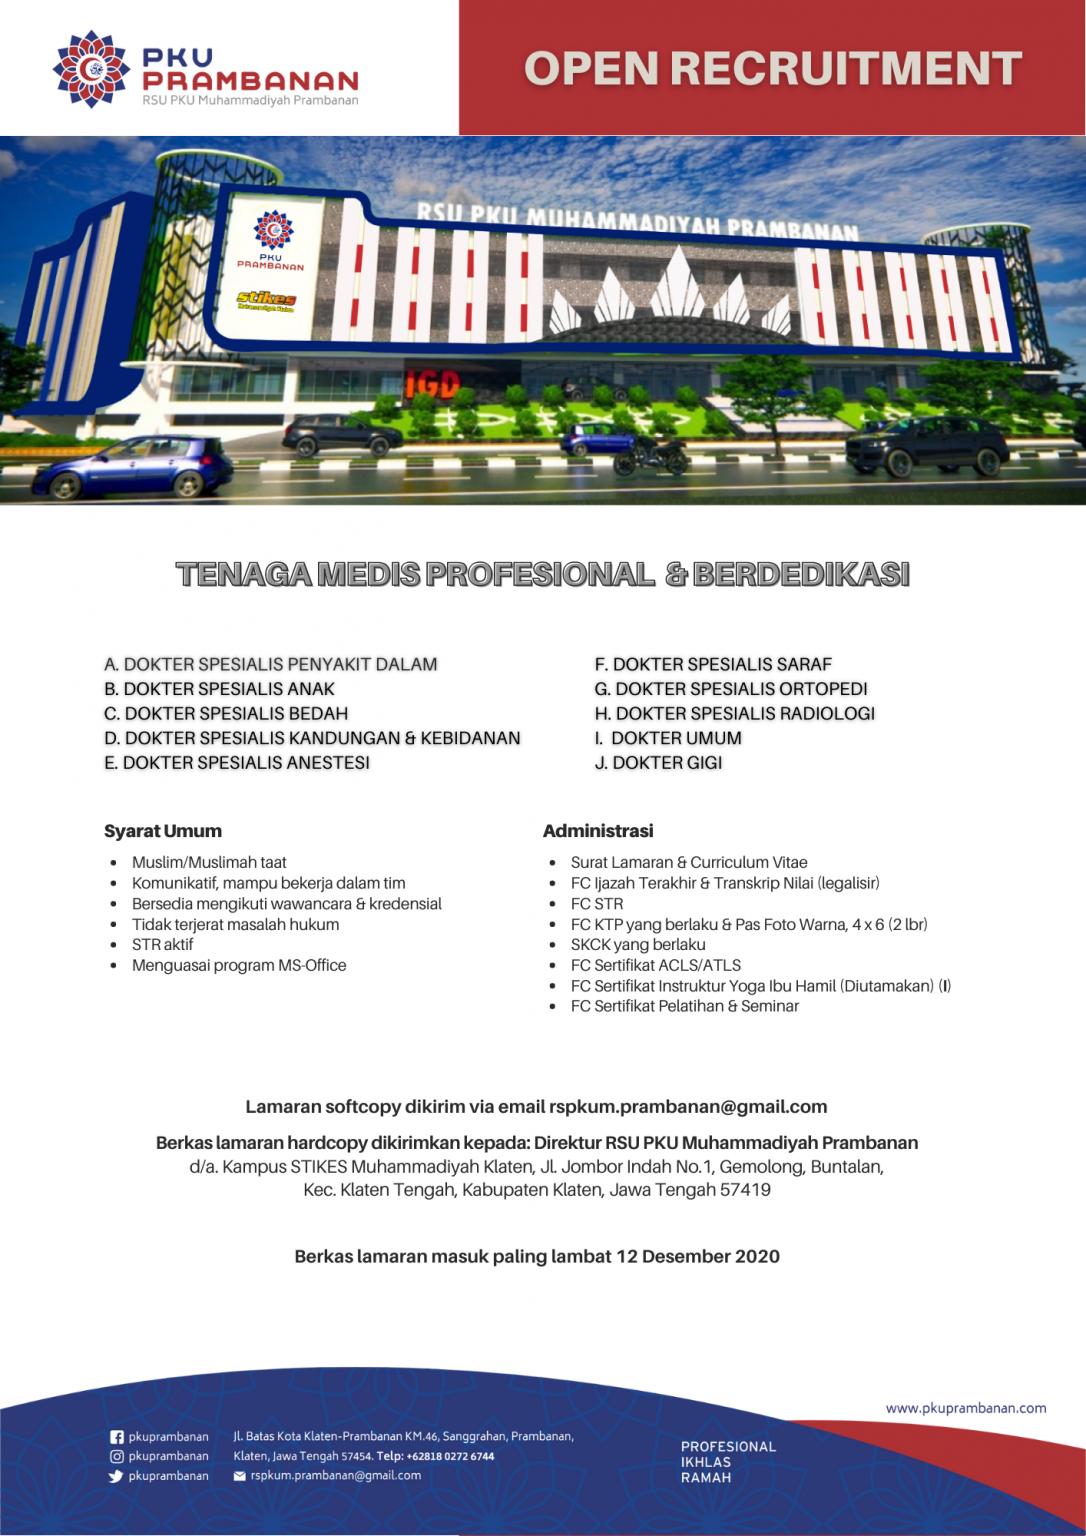 Loker dokter RS PKU Prambanan